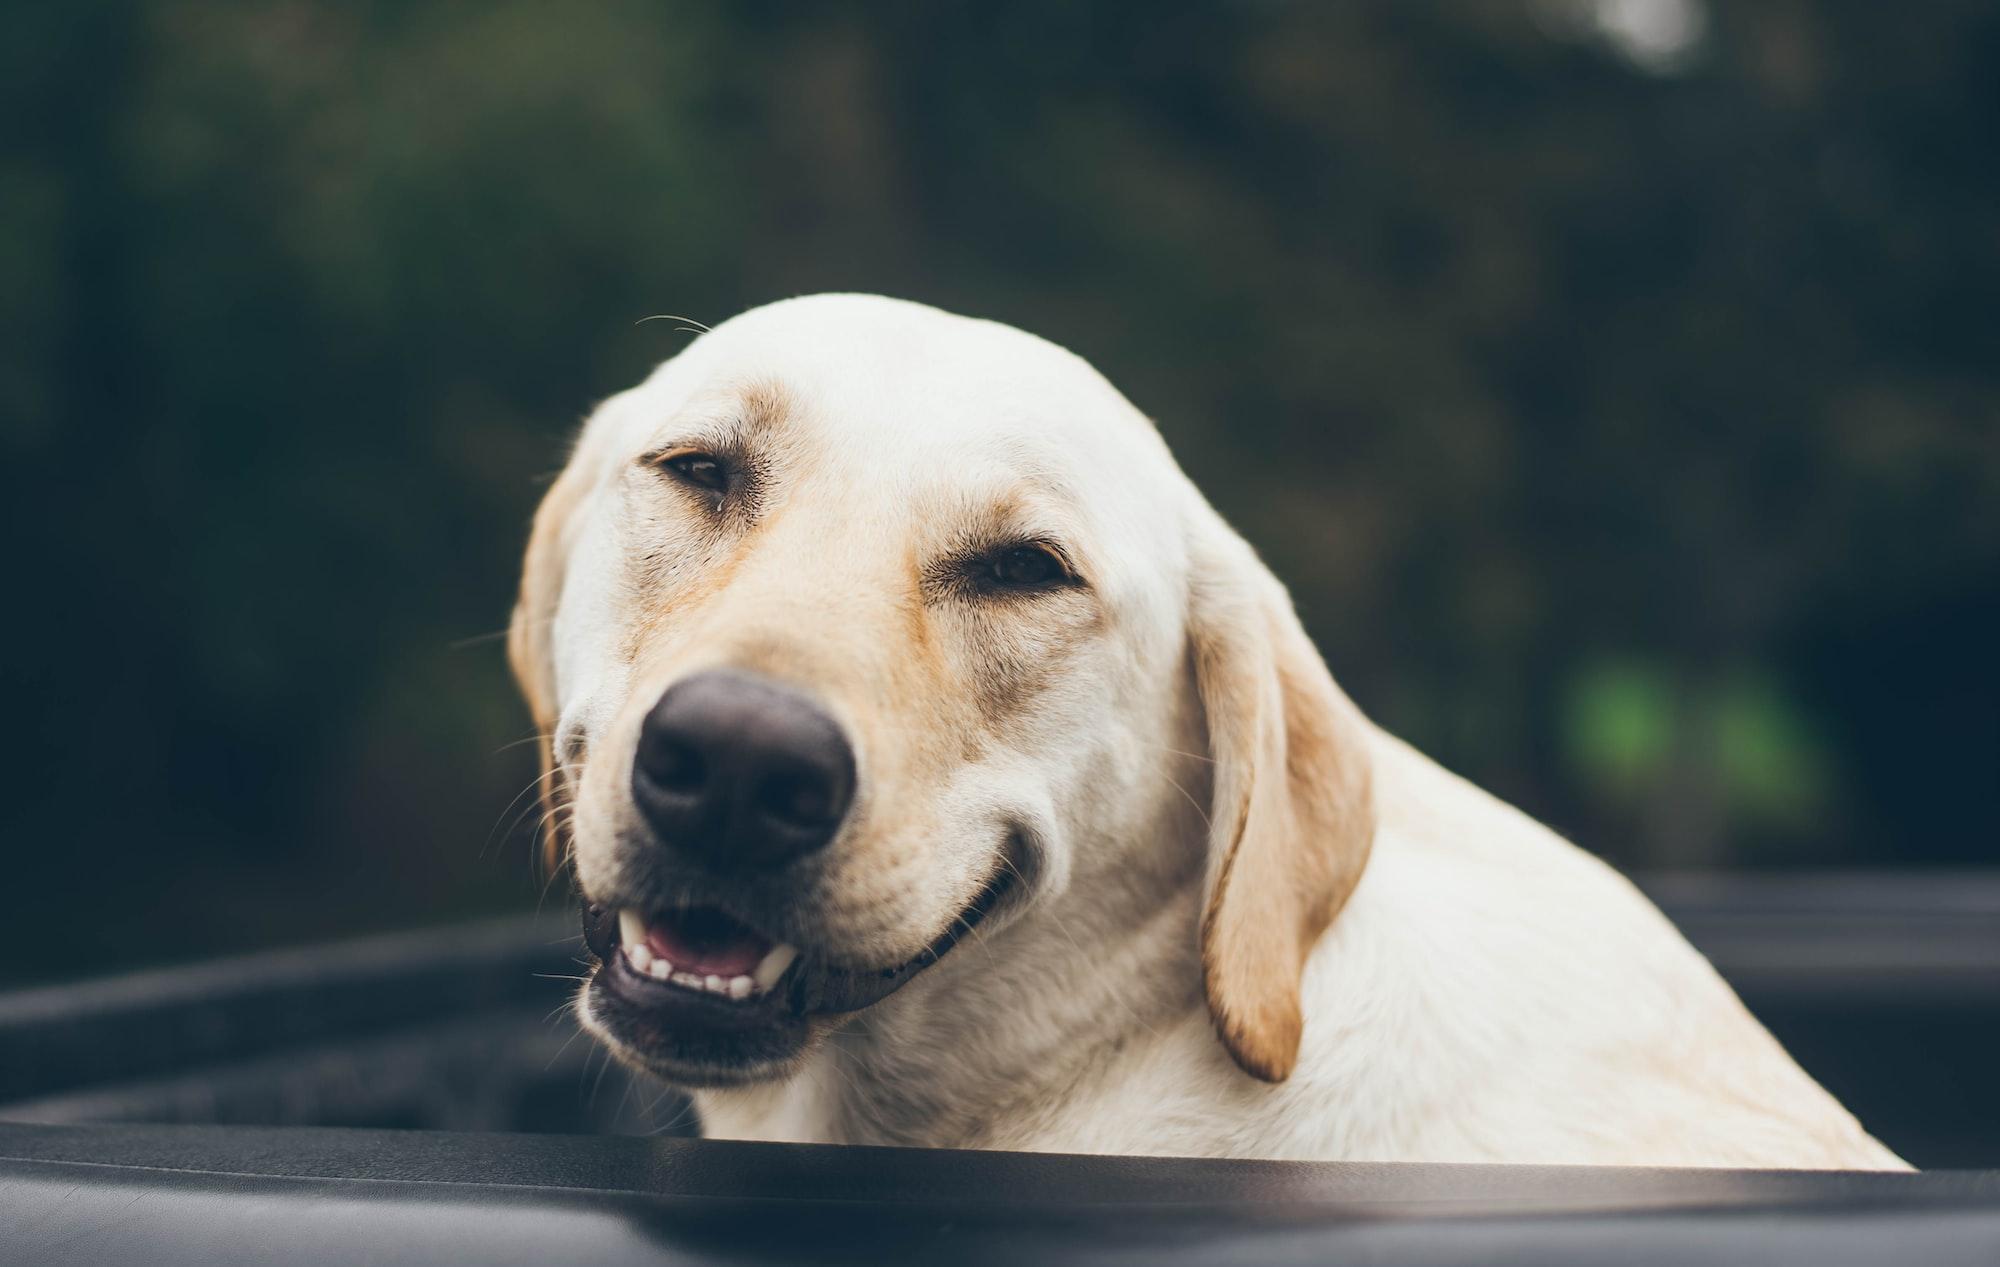 Что делать если собака съела AirPods? Сколько стоит замена наушников